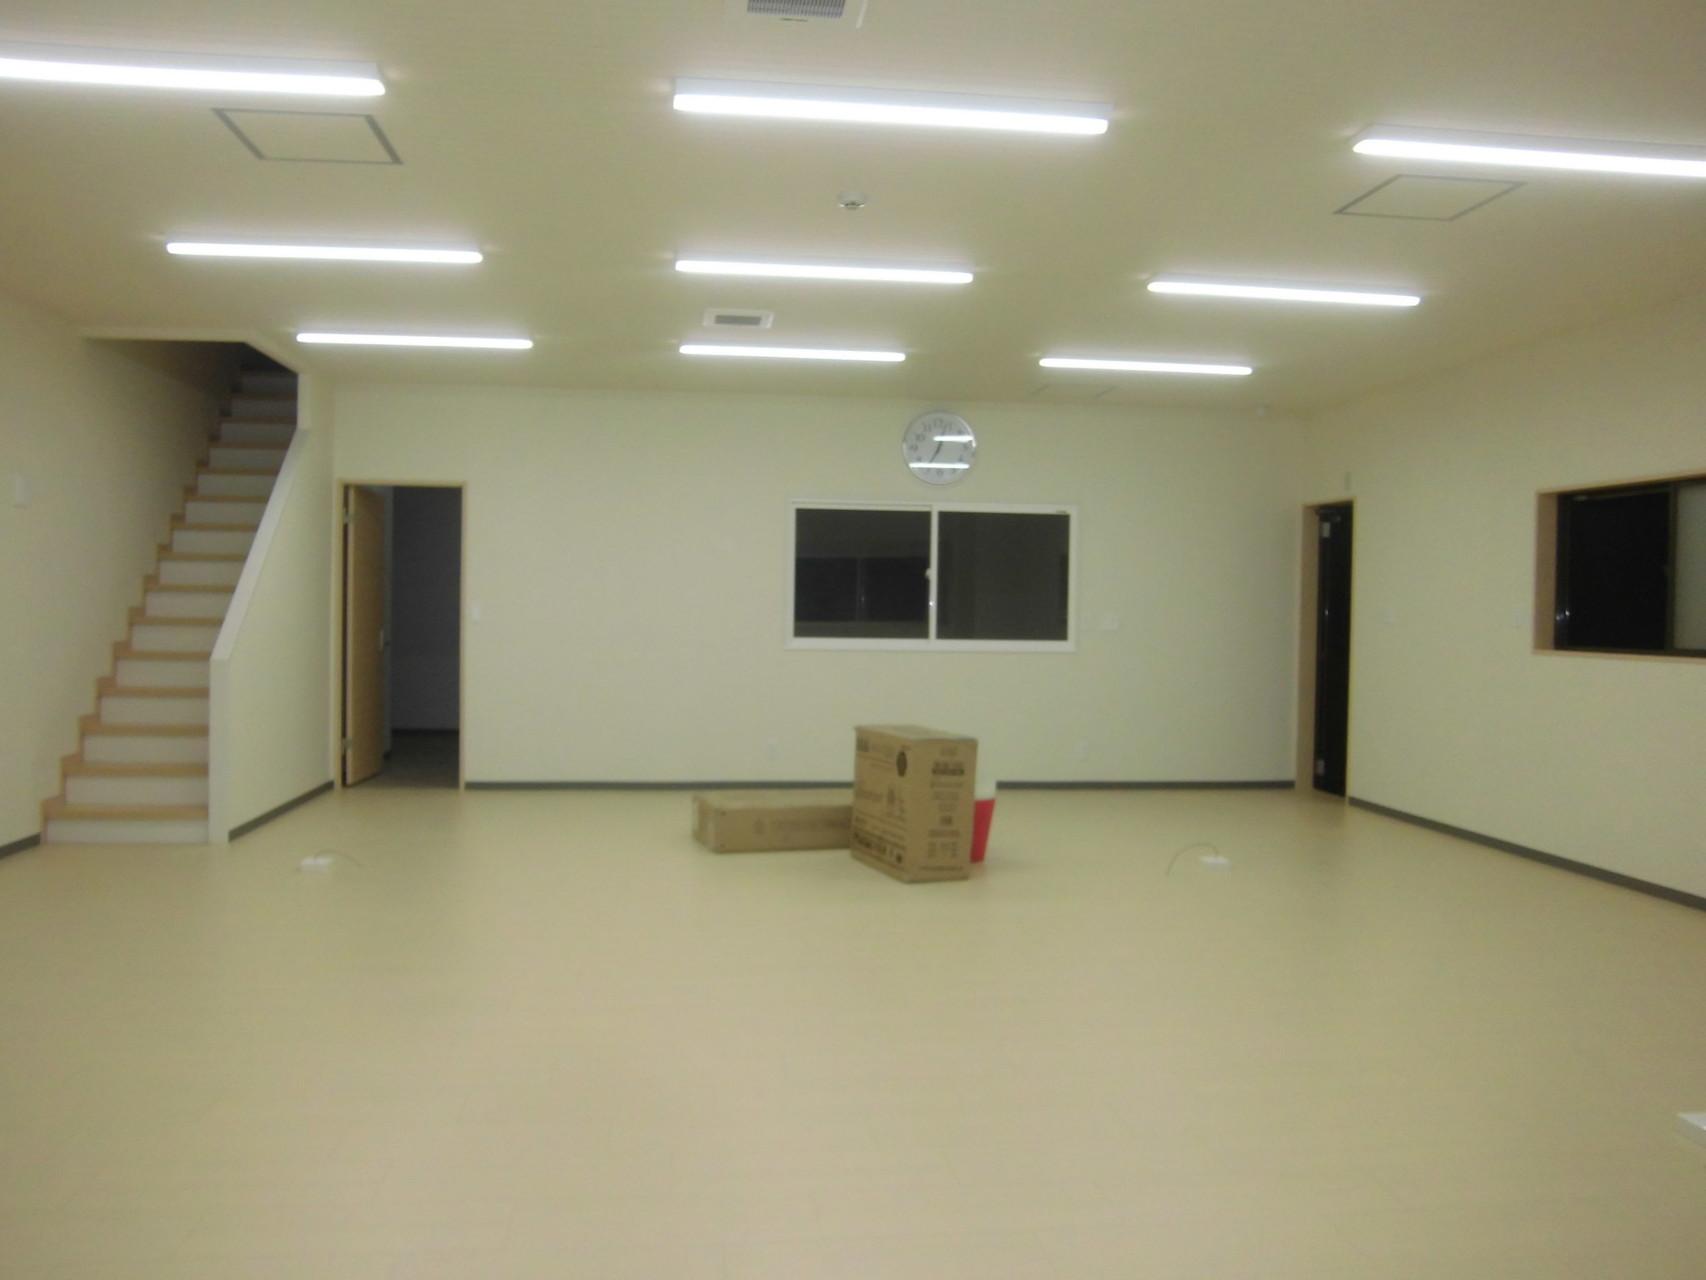 事務所内部 内部に階段を設ける事で、人の動きを把握できます